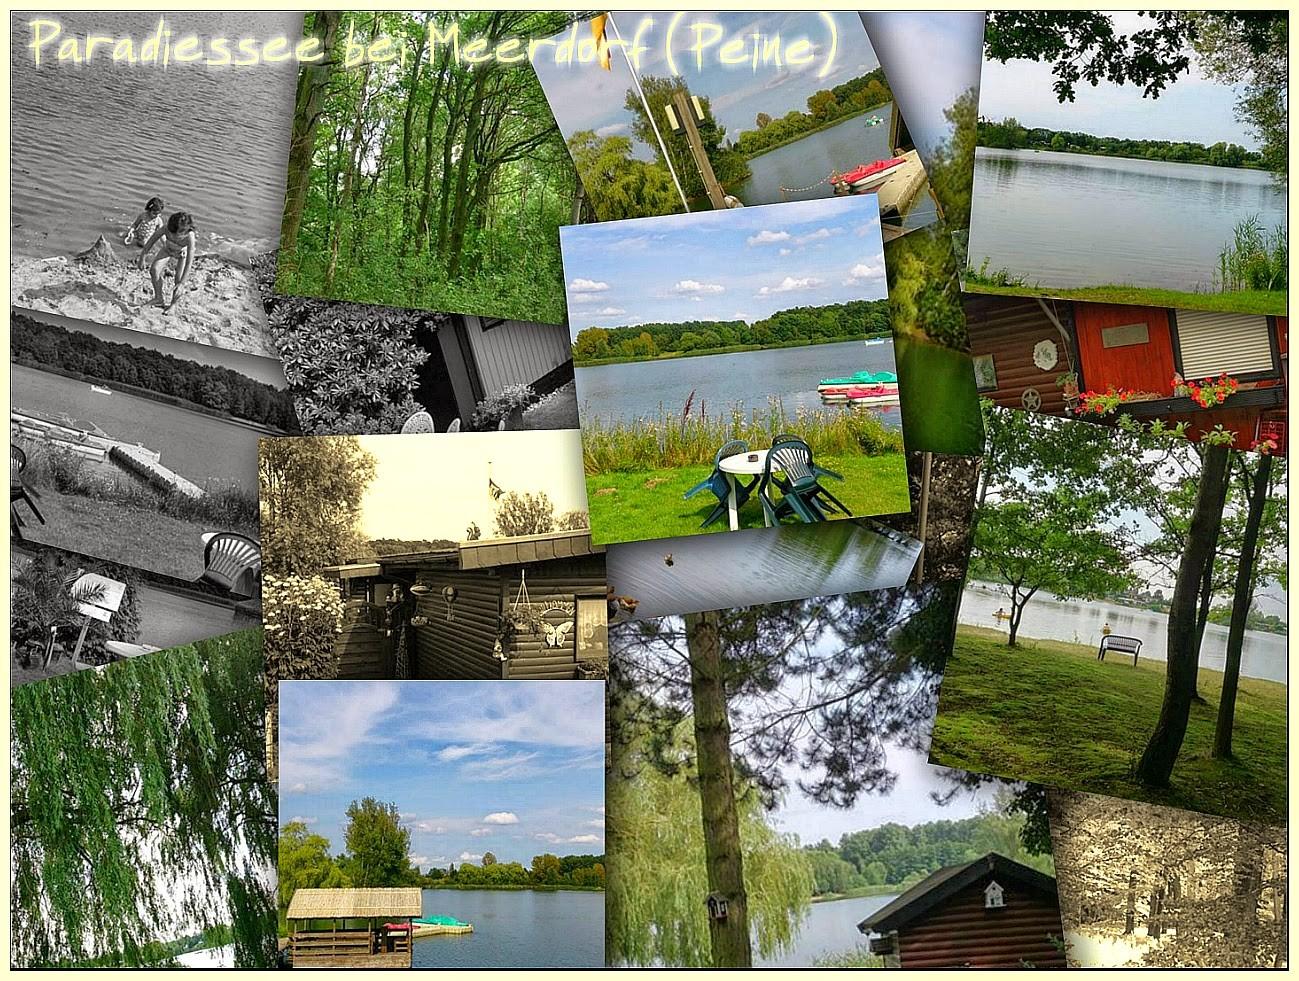 ~ Bild: 'Paradiessee' (Meerdorf), Peine ~